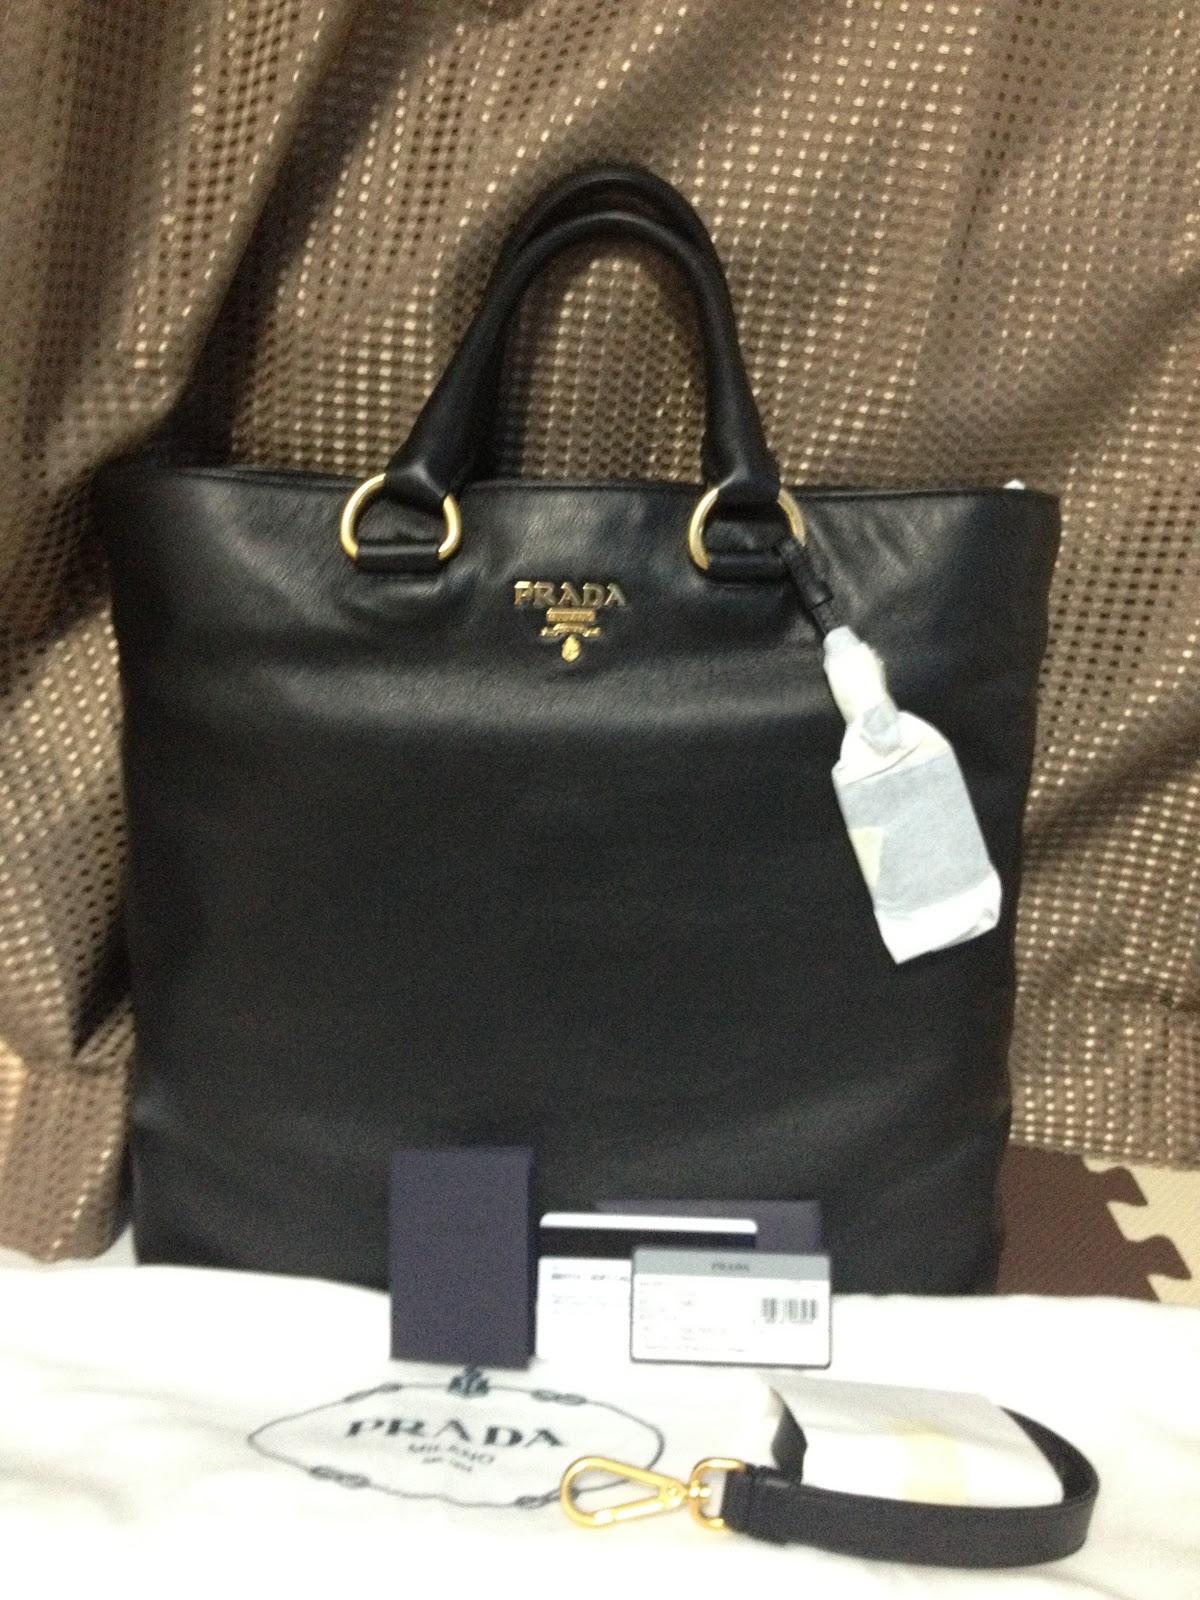 e589e29df150 ... wholesale sold authentic prada soft calf leather tote bag in nero  colour 92ee8 03c39